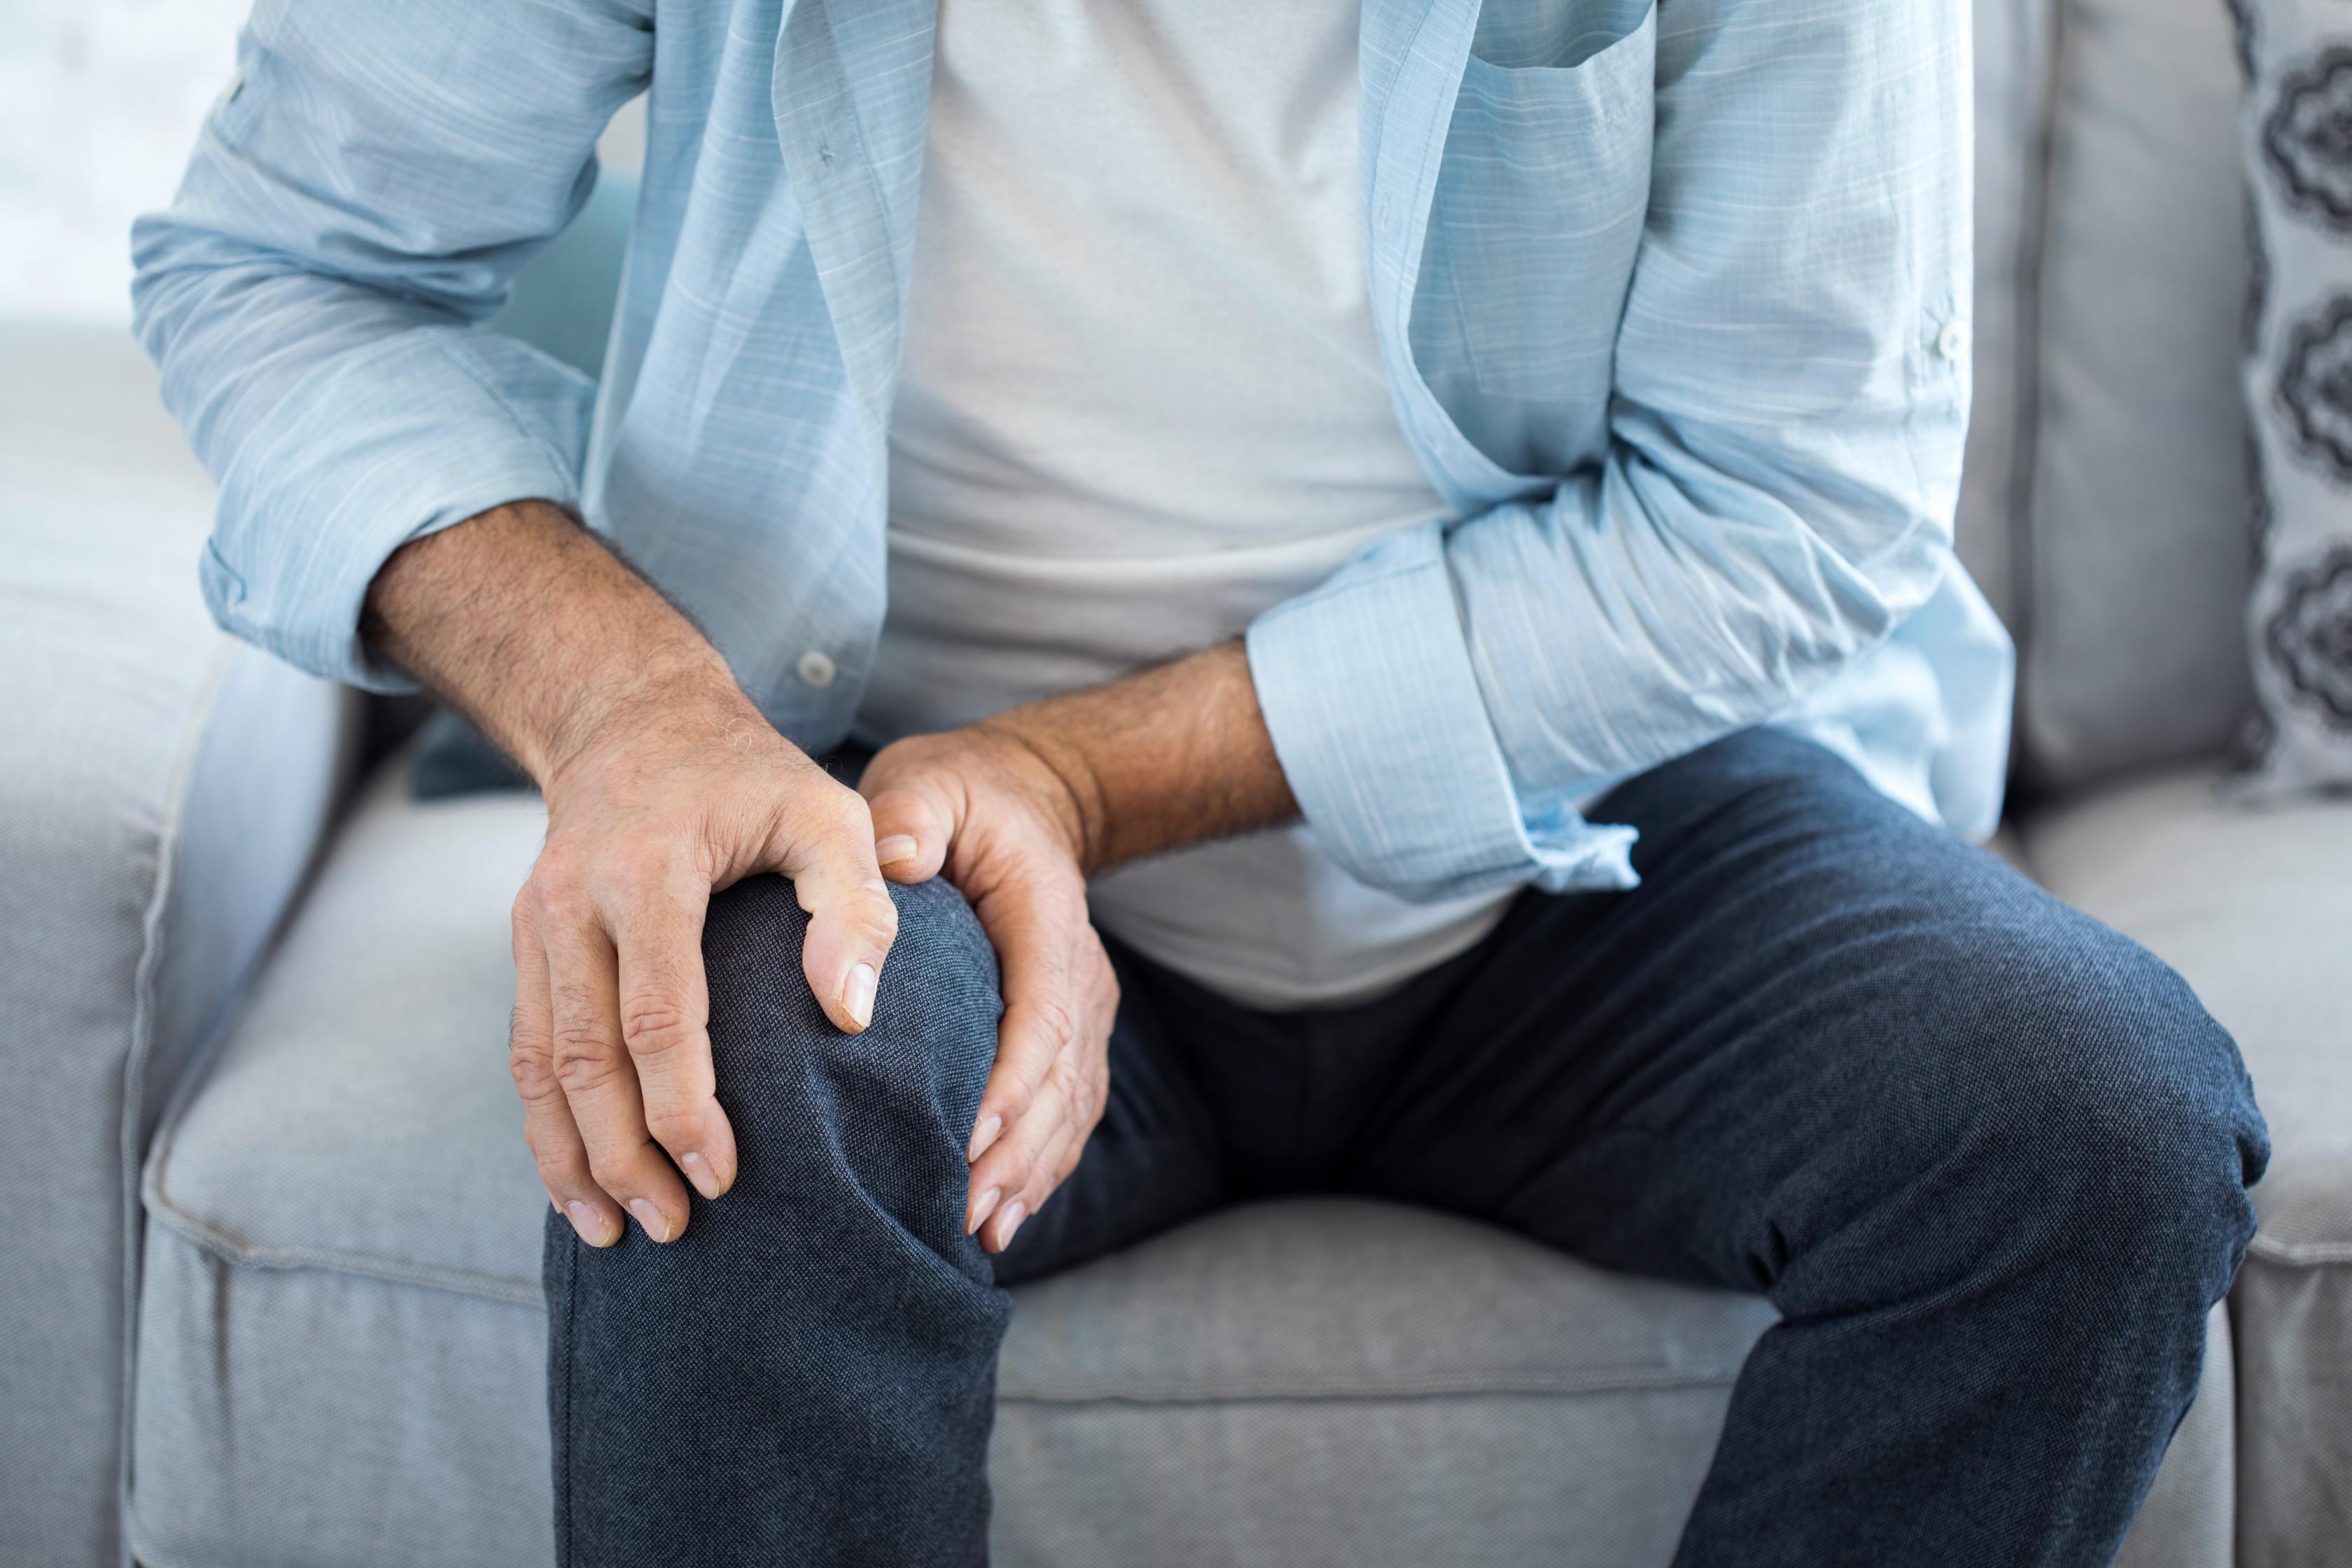 életkor okozta ízületi fájdalom serdülőknél